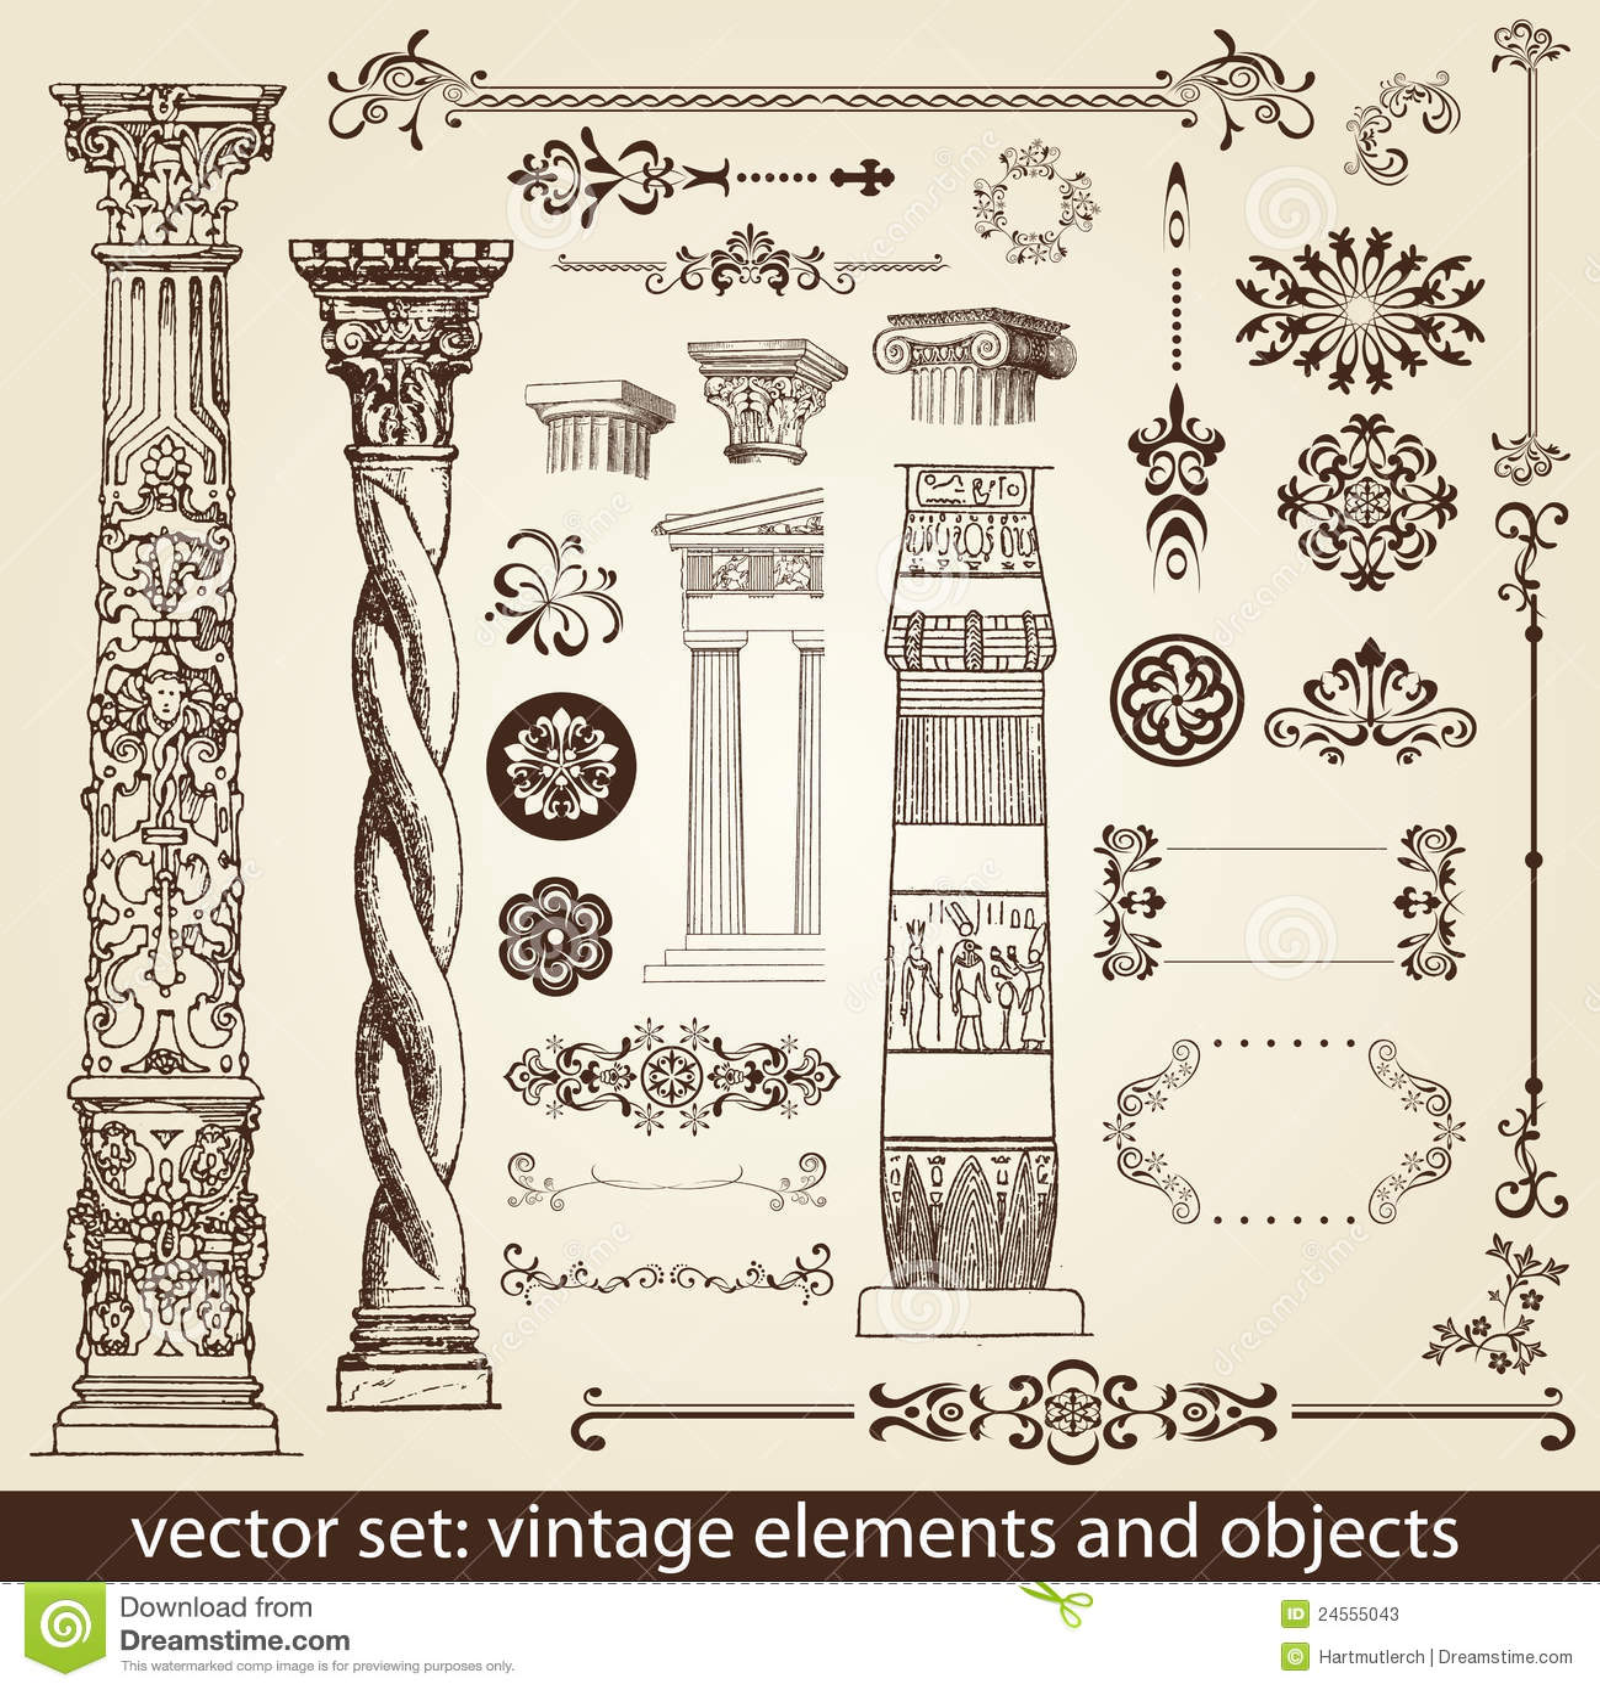 Vintage Elements - Antique - Stock Photos - Image: 24555043